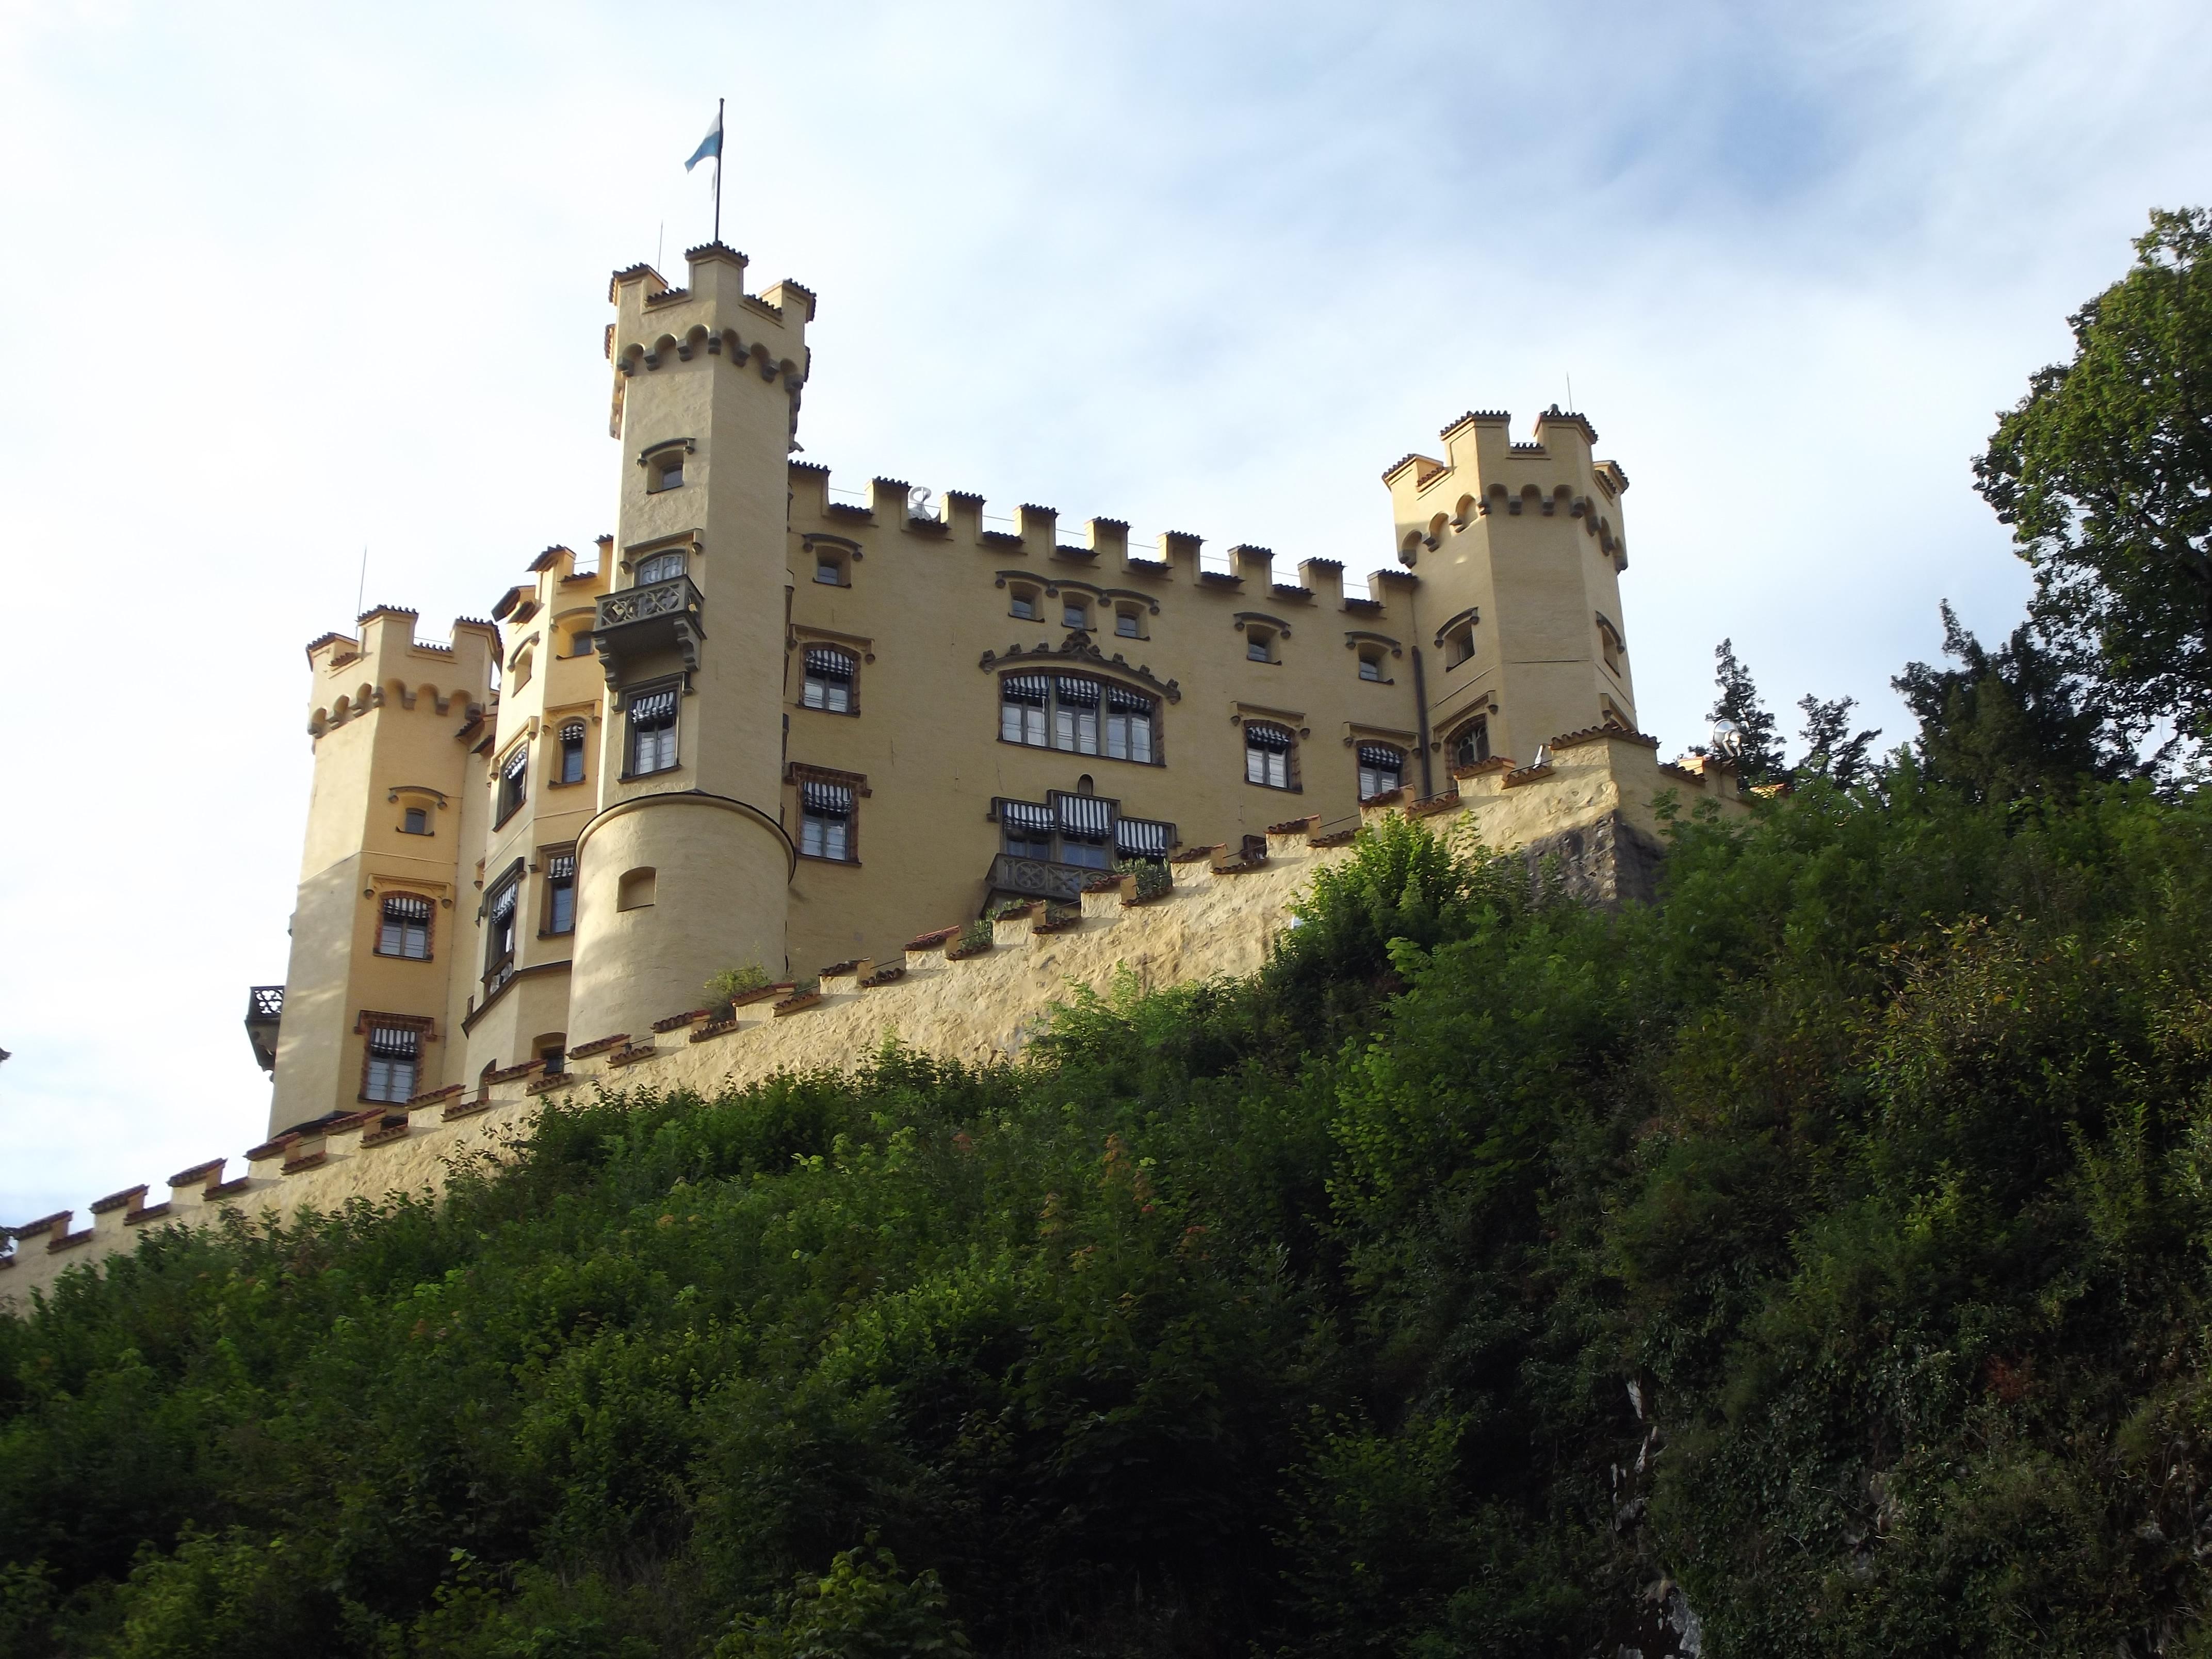 Castle Hohenschwanstein, Schwangau, Germany, August 2014.